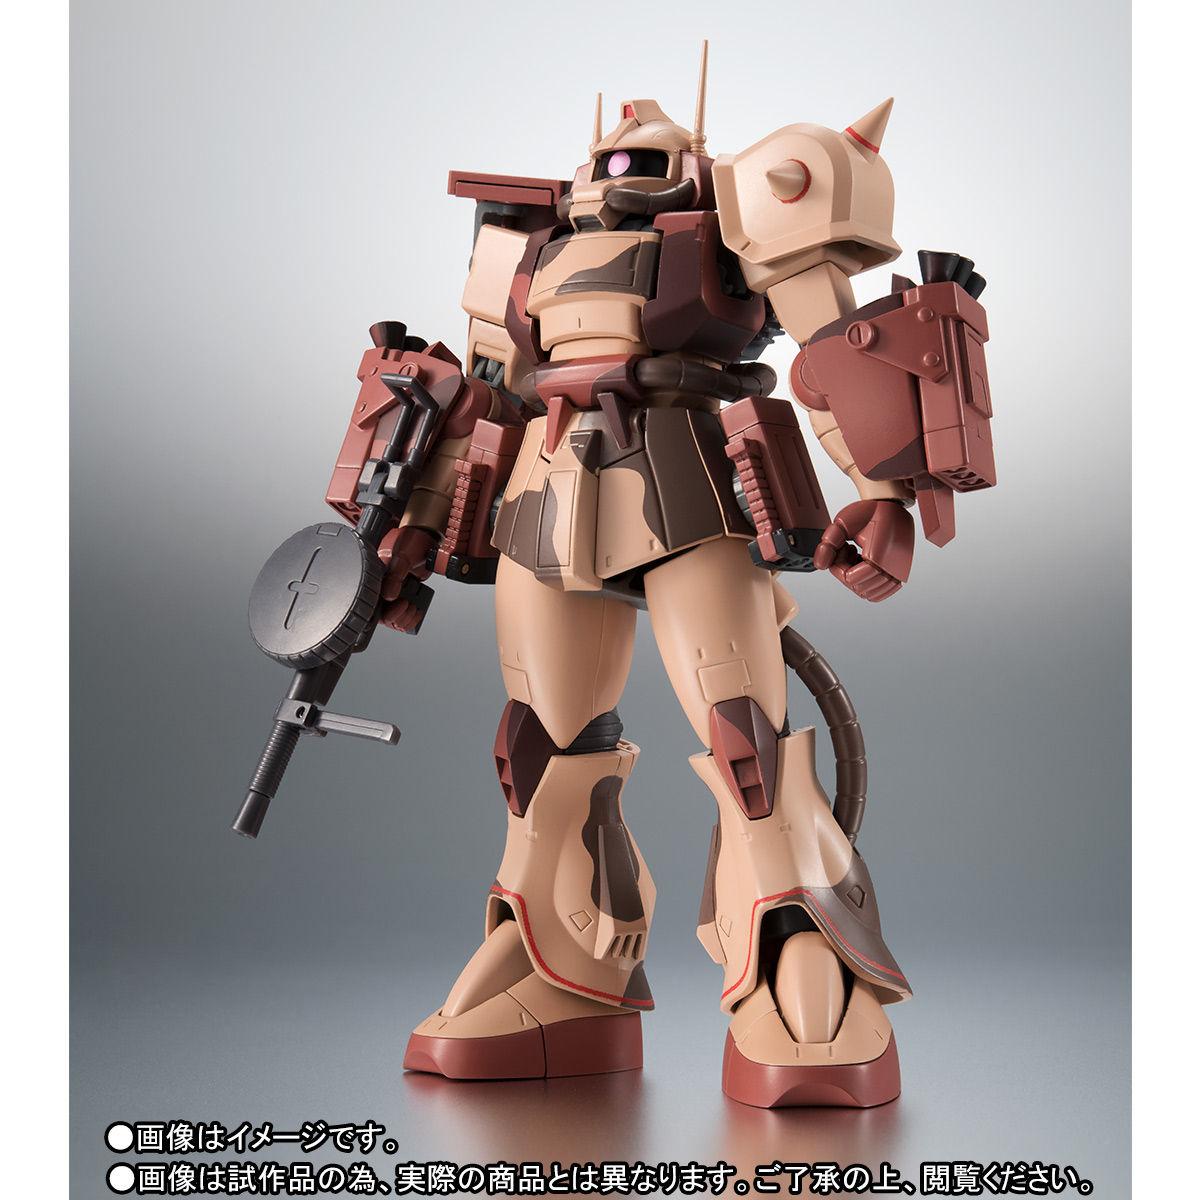 ROBOT魂〈SIDE MS〉『MS-06D ザク・デザートタイプ カラカル隊所属機』ガンダム モビルスーツバリエーション(MSV)可動フィギュア-005